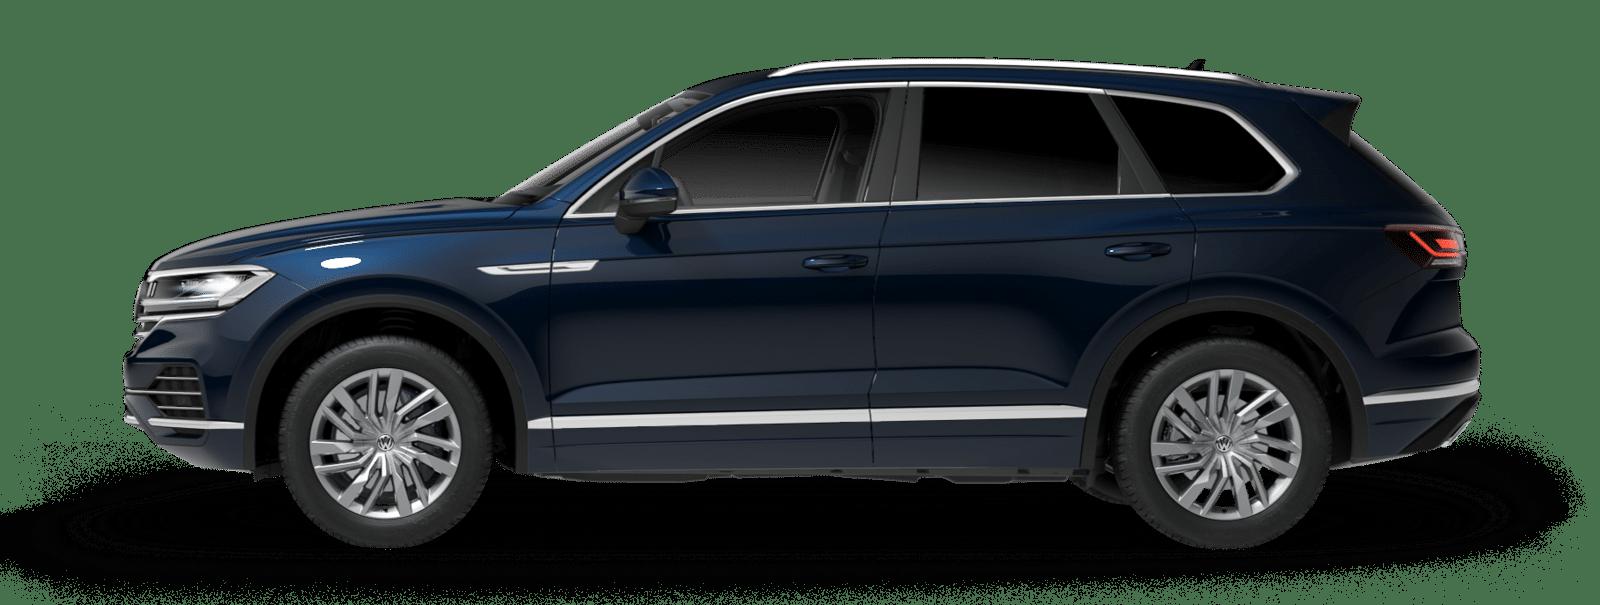 Nuova Touareg con Progetto Valore Volkswagen